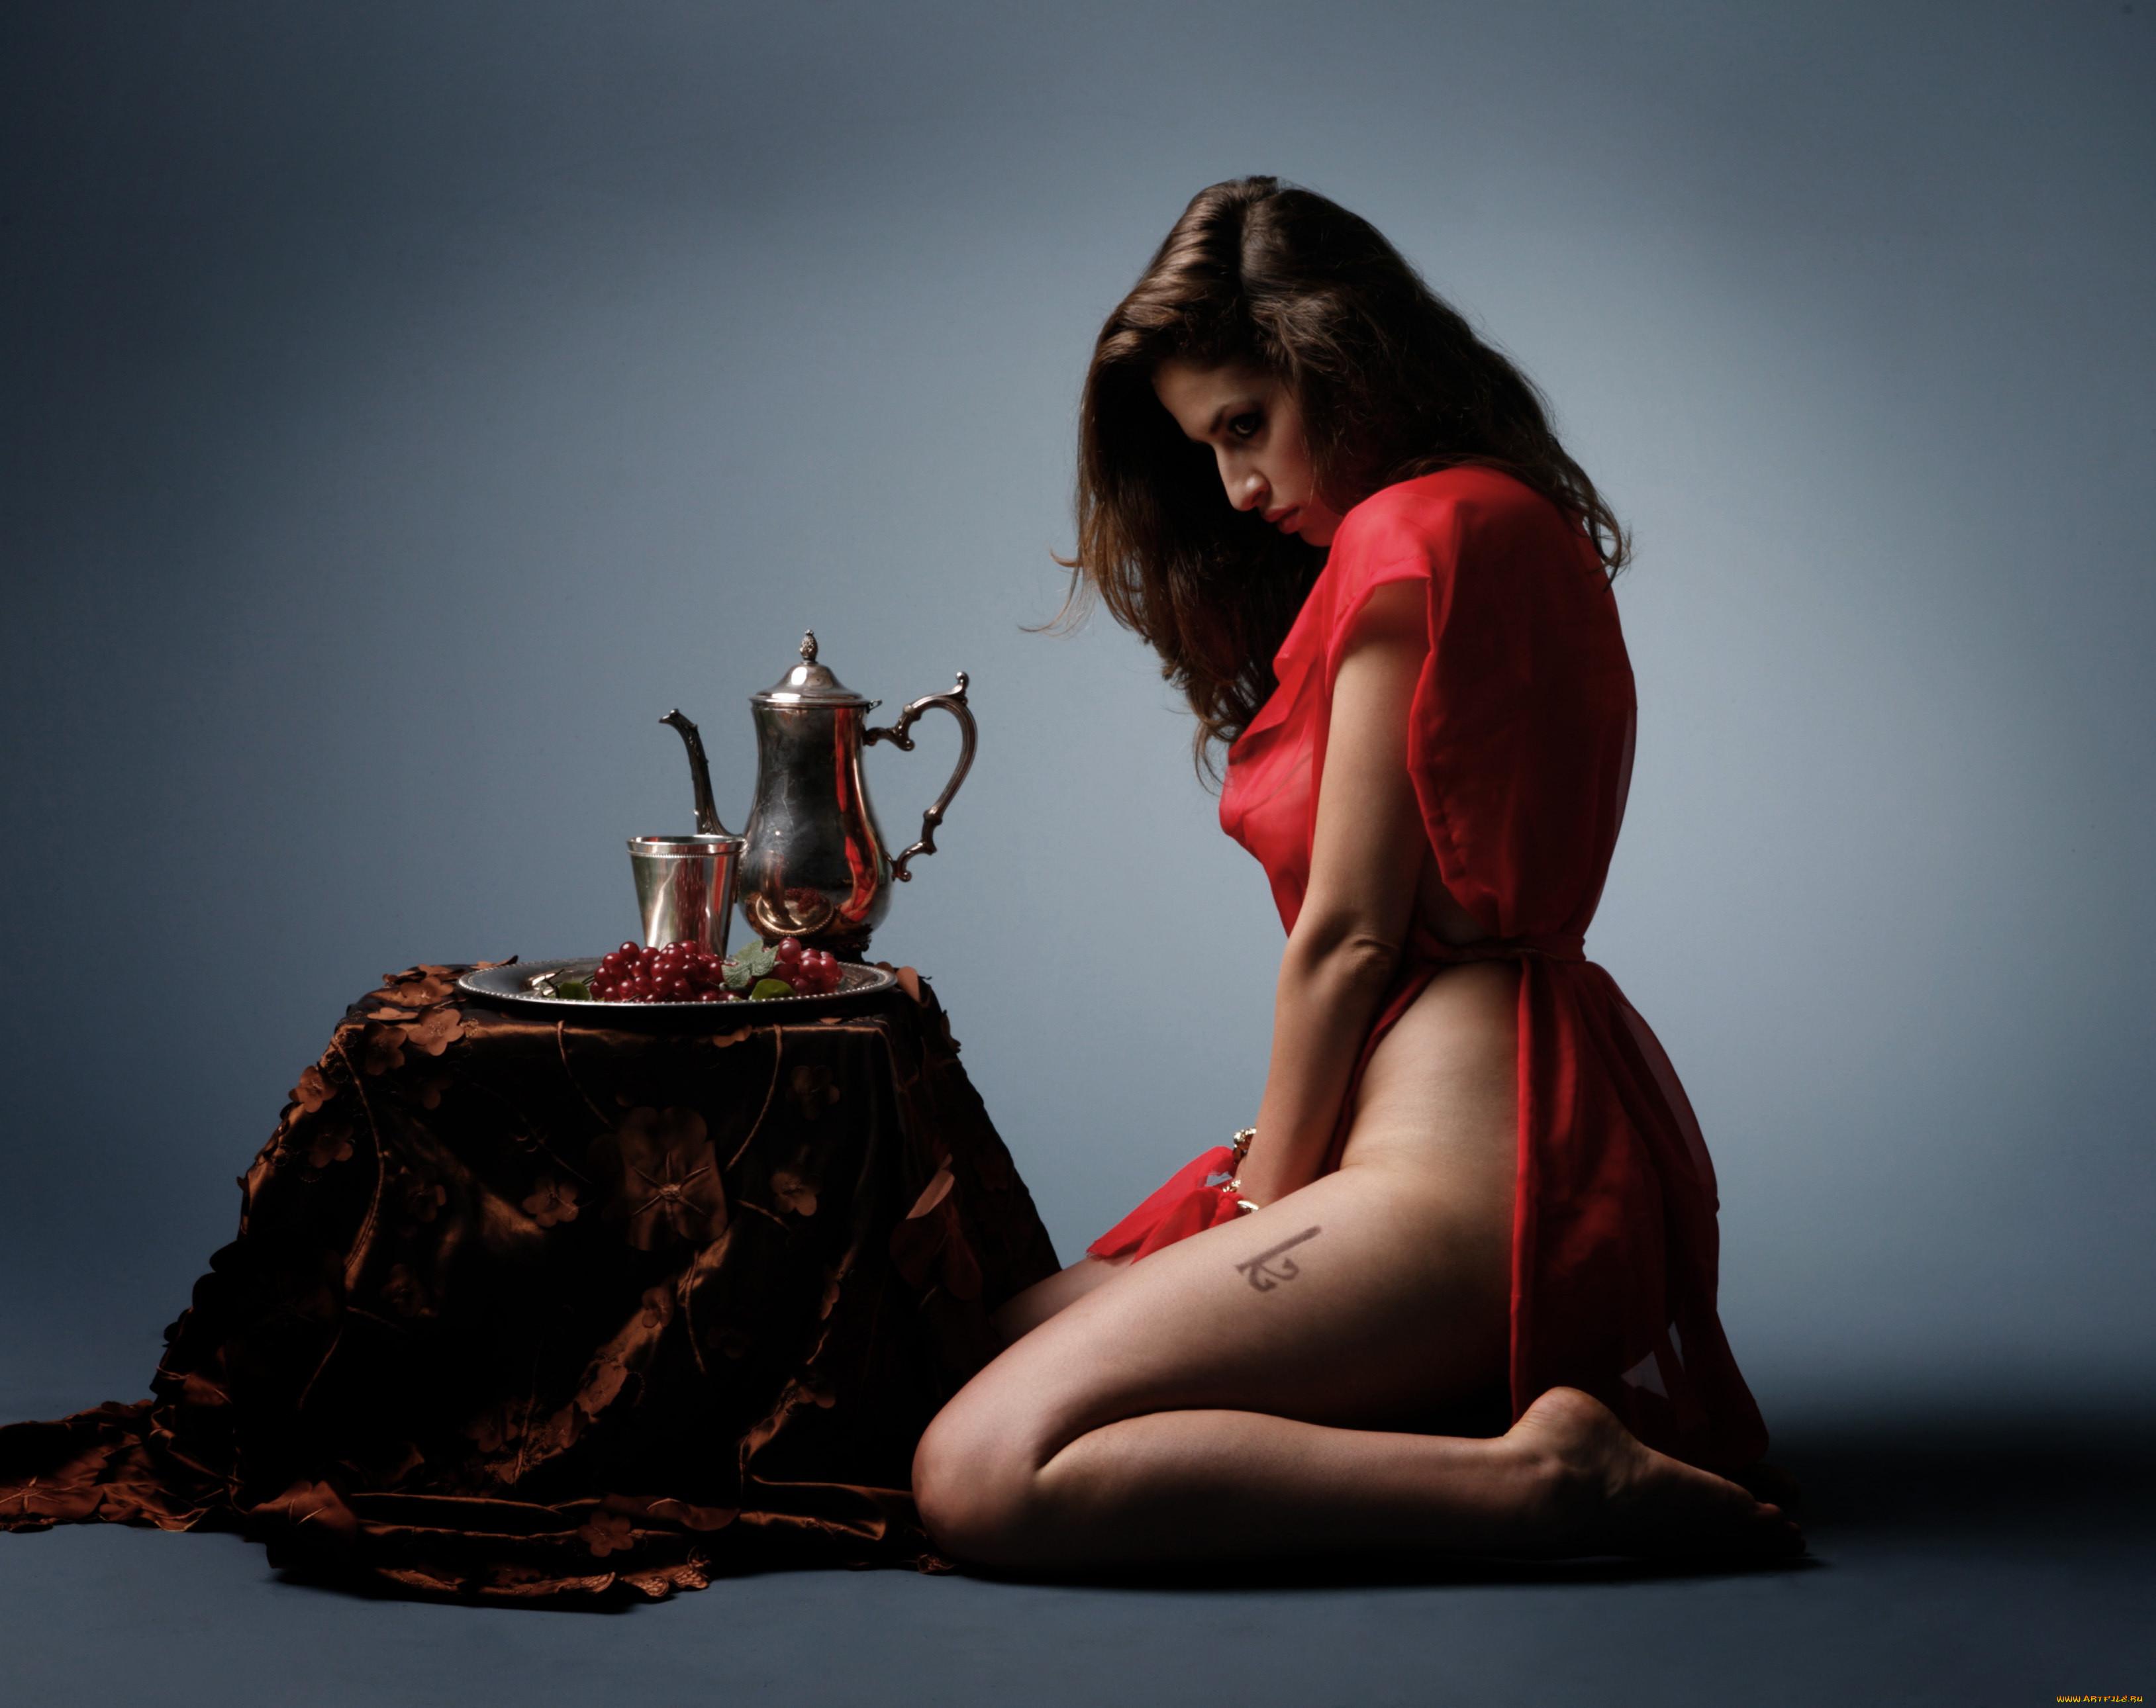 Фото в рабстве у девушки 5 фотография